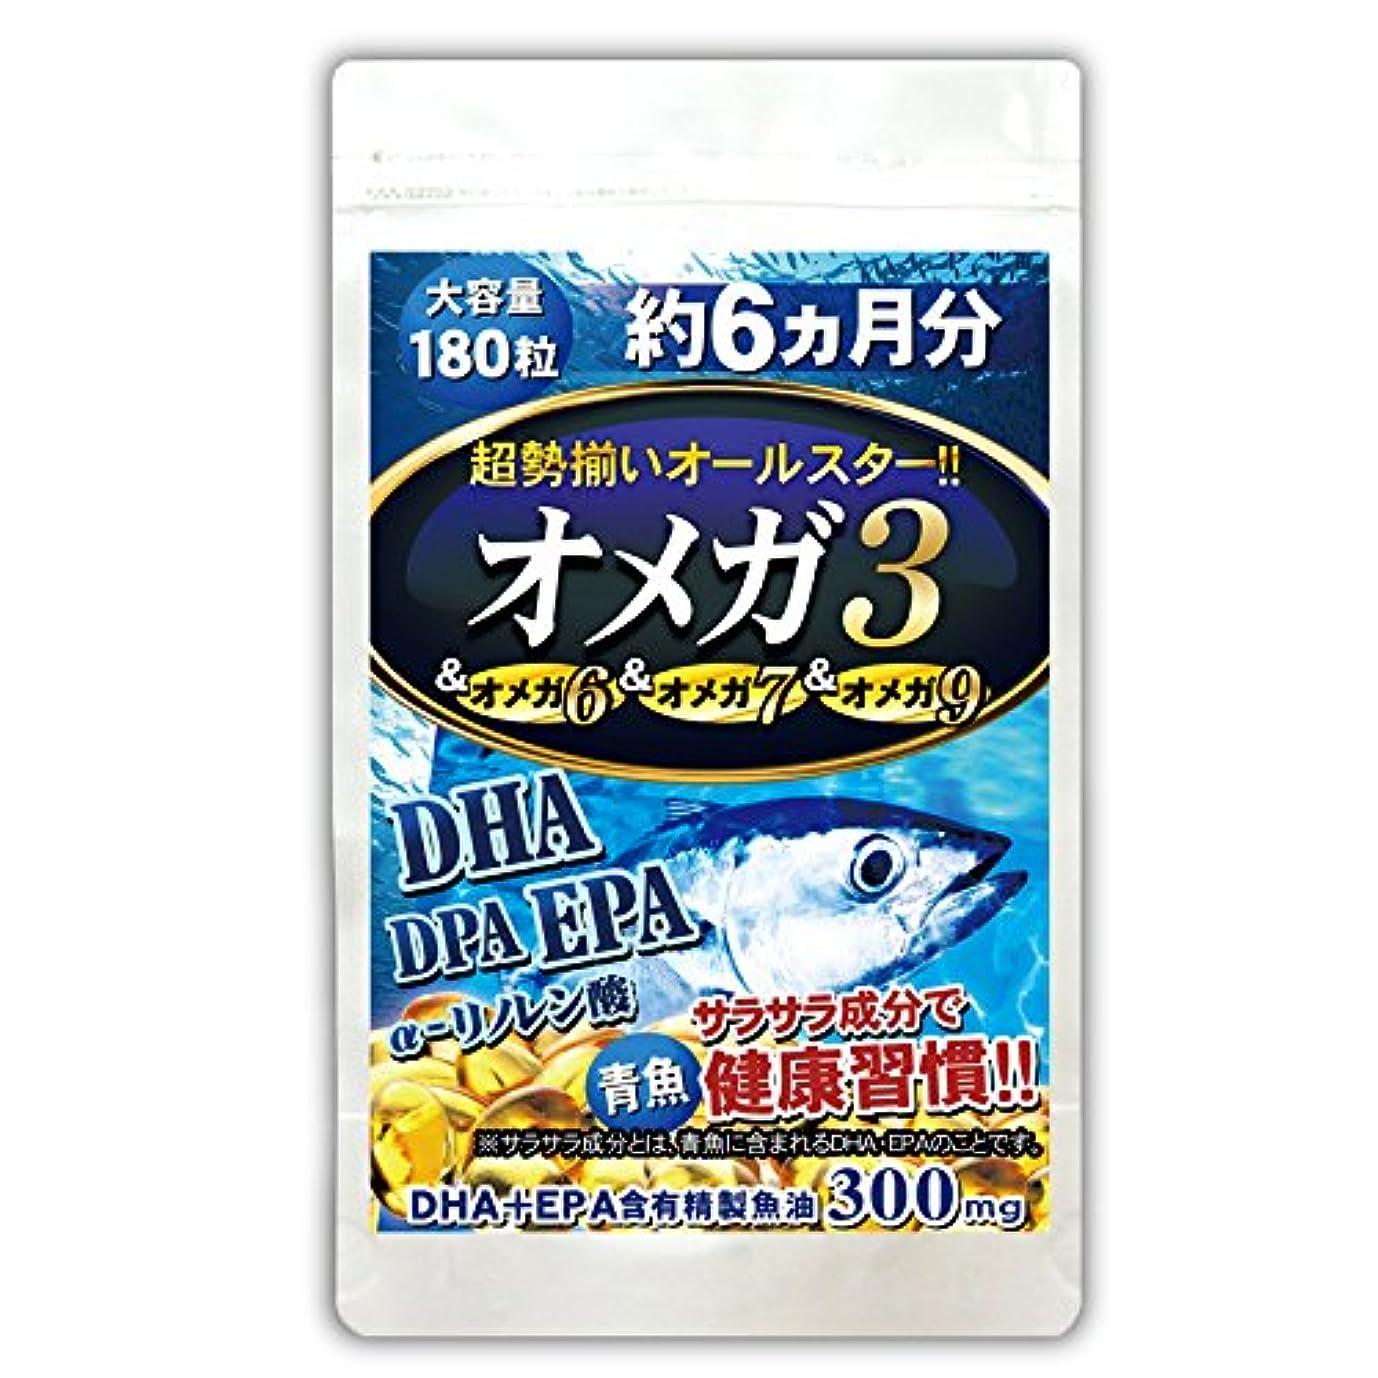 海岸流産変装した(約6ヵ月分/180粒)DHA+EPA+DPA+α-リノレン酸の4種オメガ3をまとめて!超勢揃いオールスターオメガ